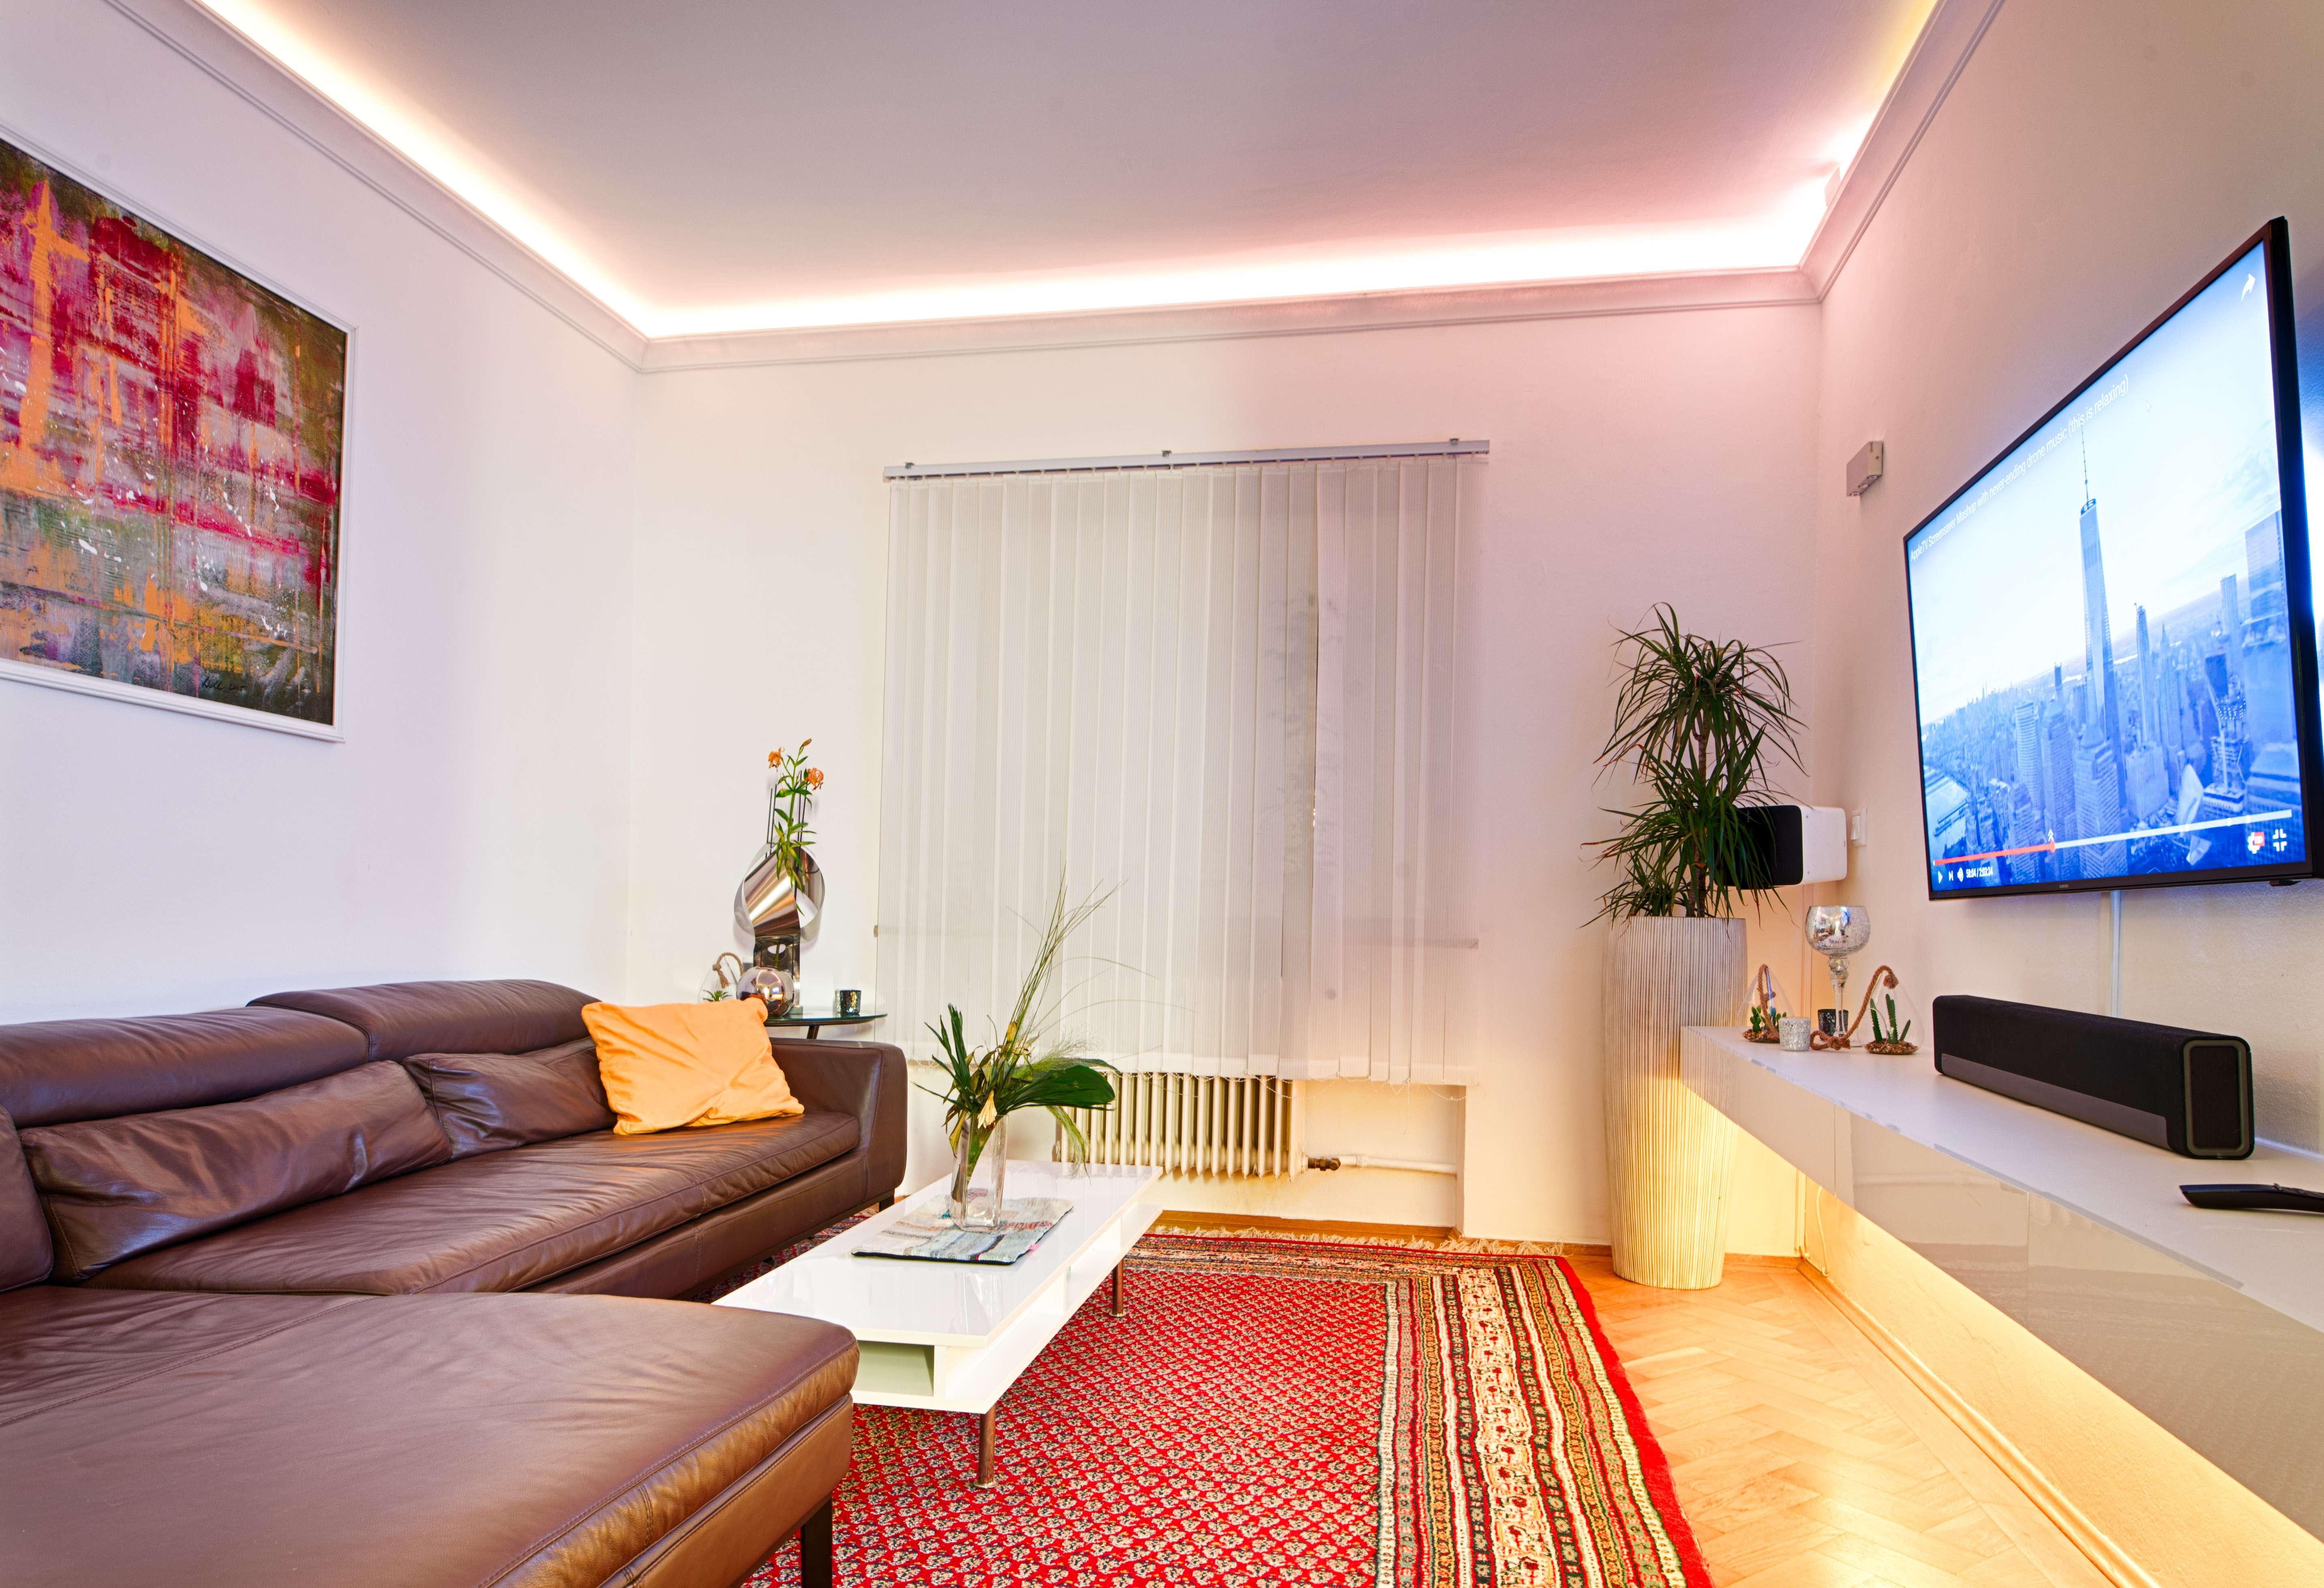 Stilvolle 2-Zimmer Wohnung ab 30.11.-29.2.2020 in Ramersdorf, München in Ramersdorf (München)